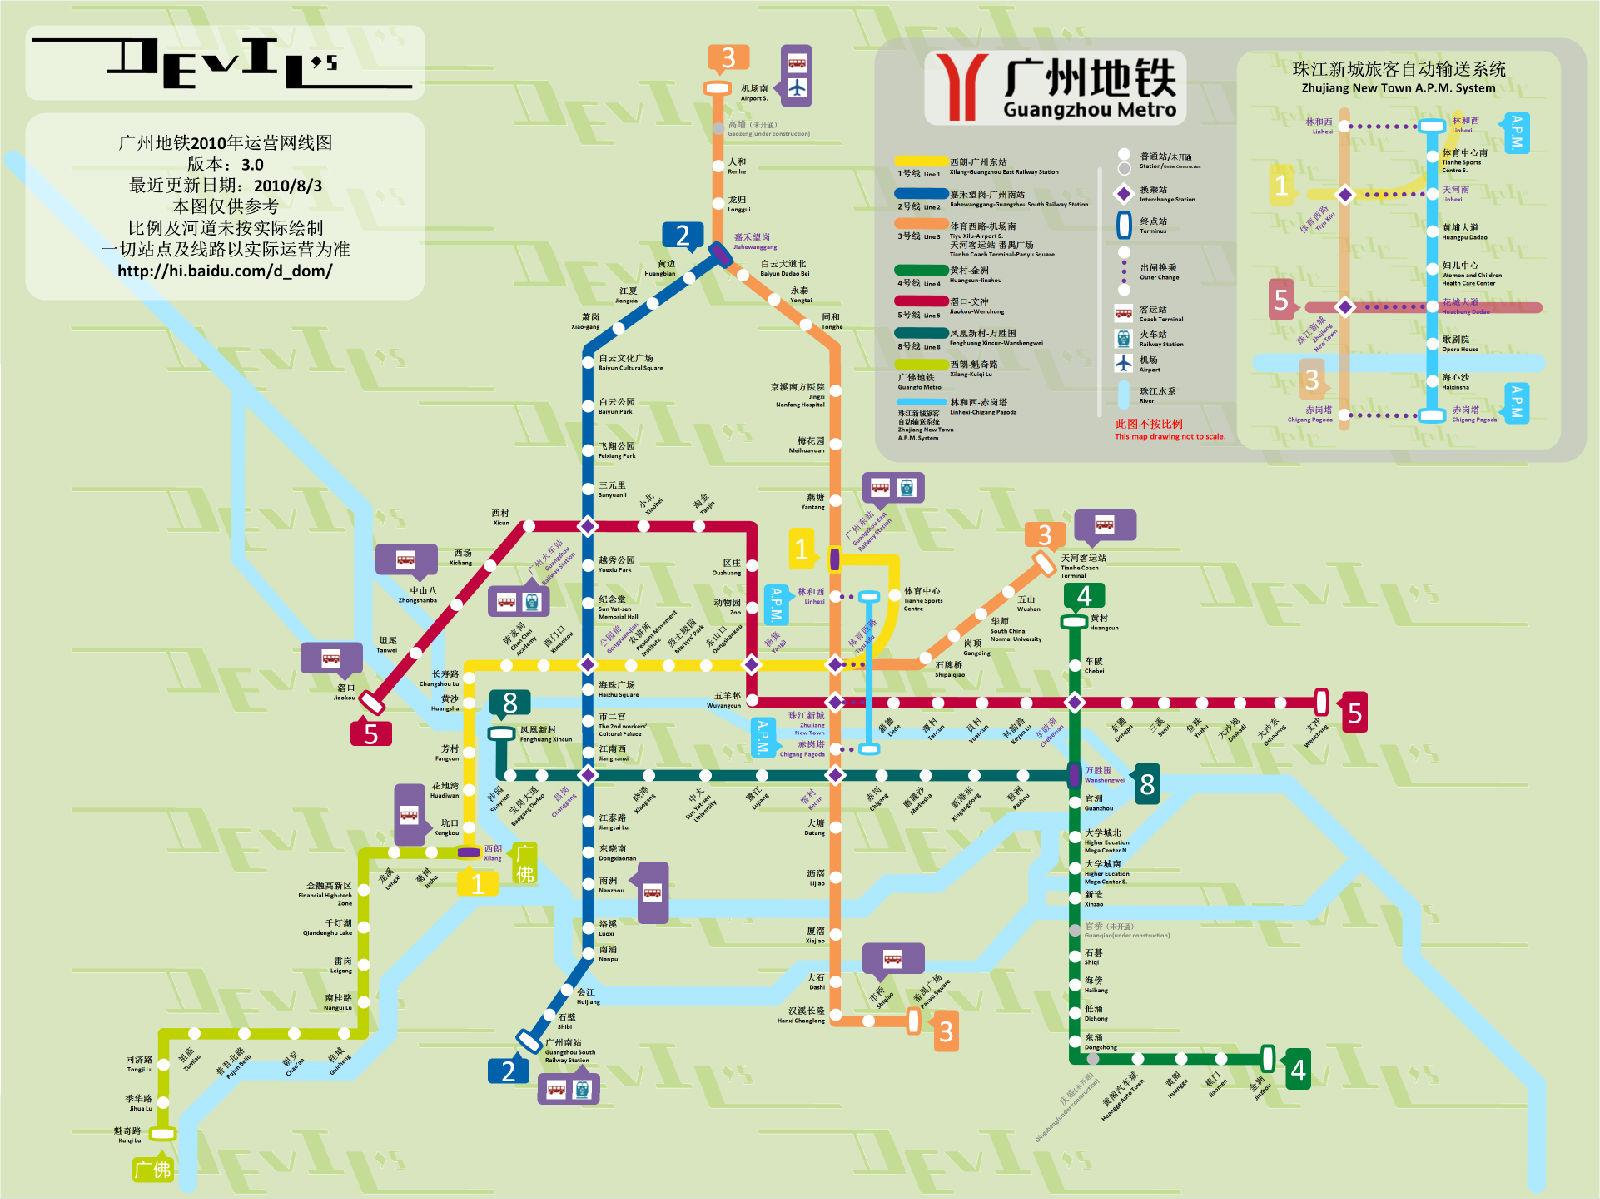 除了增城从化两个市没地铁,其他都有了,当然有些区的地铁是地上形式.图片